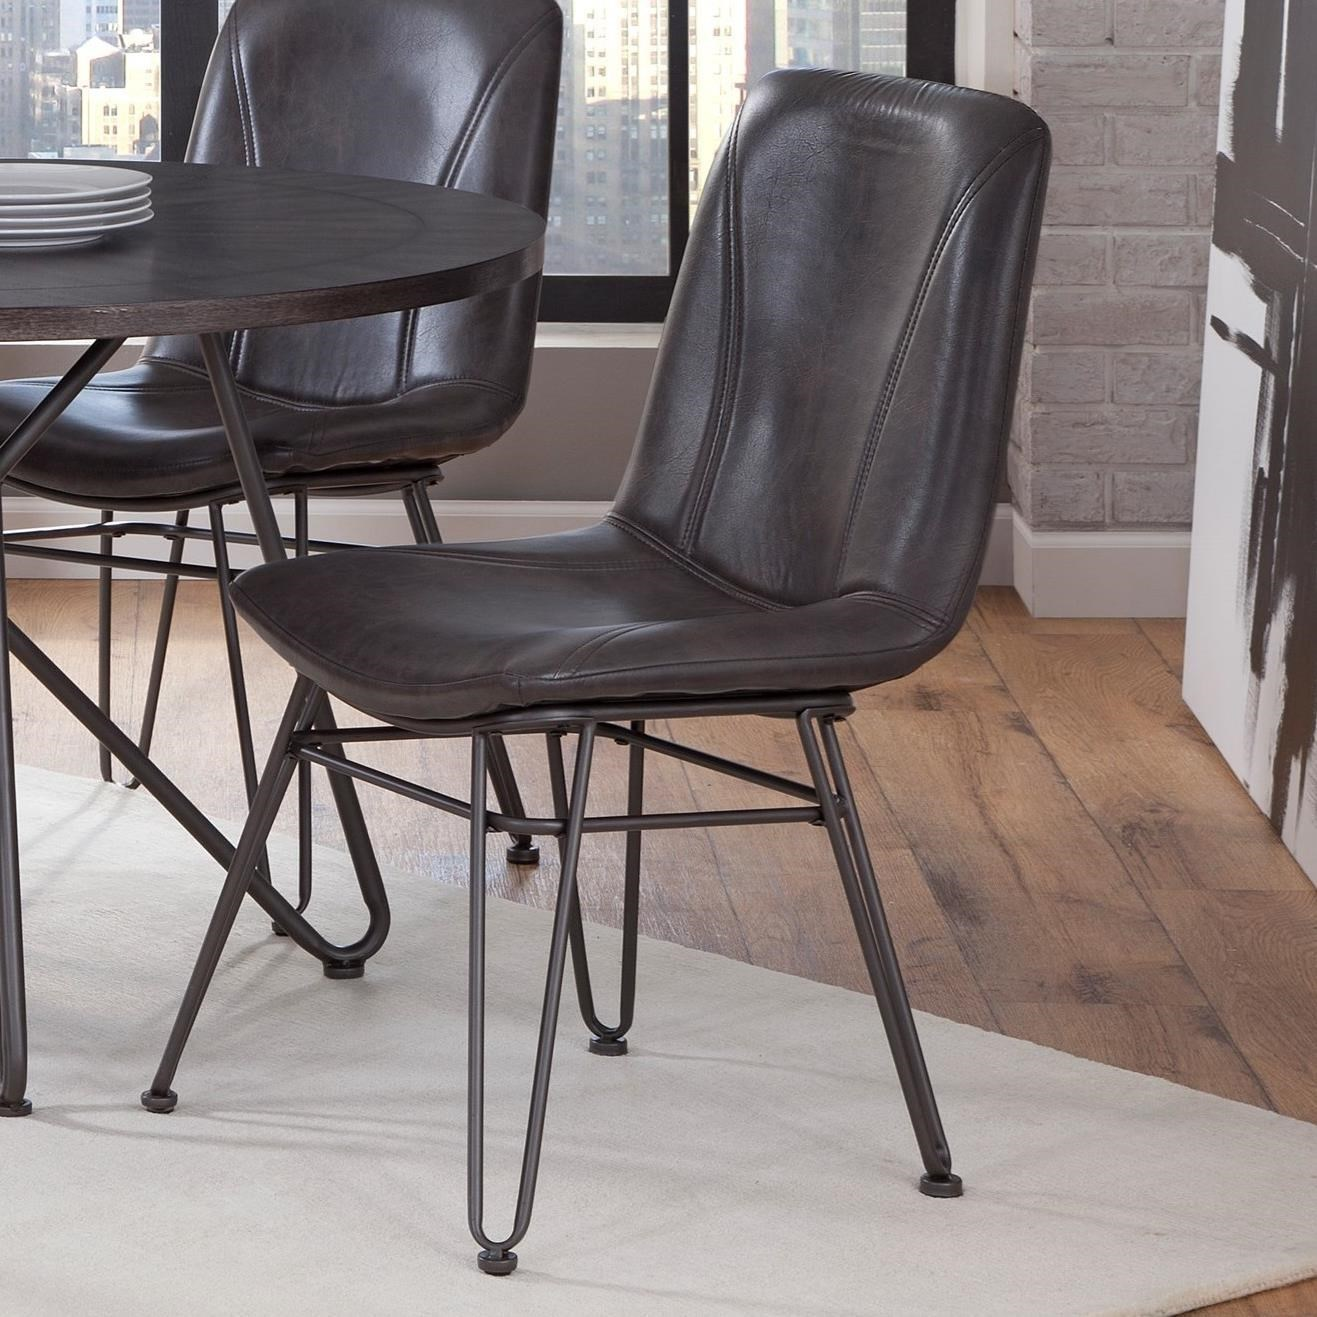 Derek Industrial Side Chair by Steve Silver at Walker's Furniture